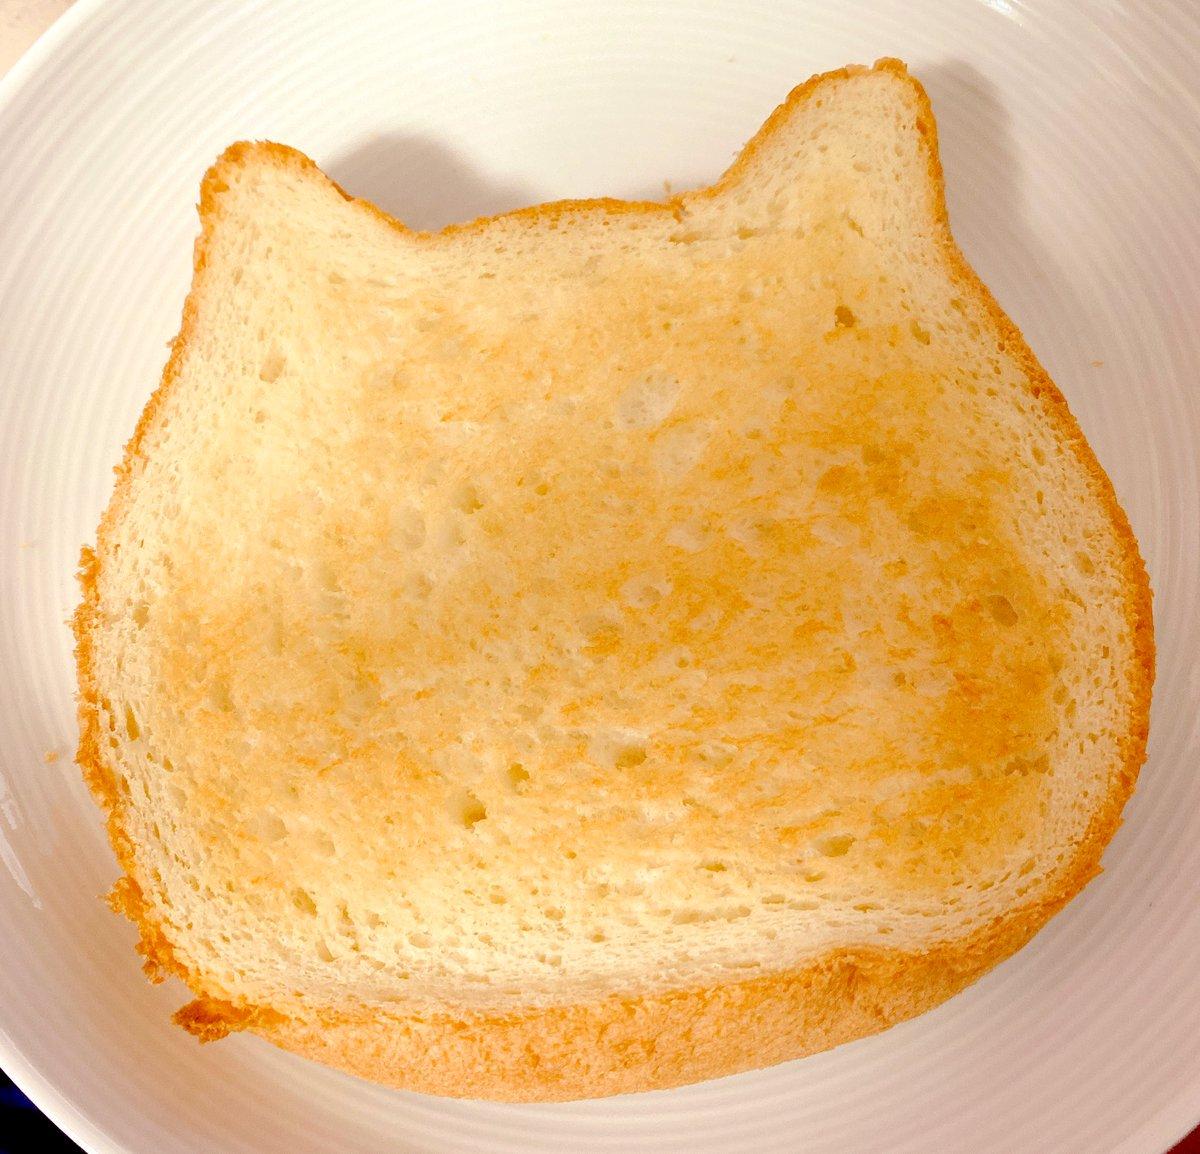 みてーー!!!!!!!!!!!!!!!!!!ねこねこ食パン!!!!!!買いました✨✨✨(^・ω・^§)ノねこねこ食パン美味しい……可愛い、美味しい……